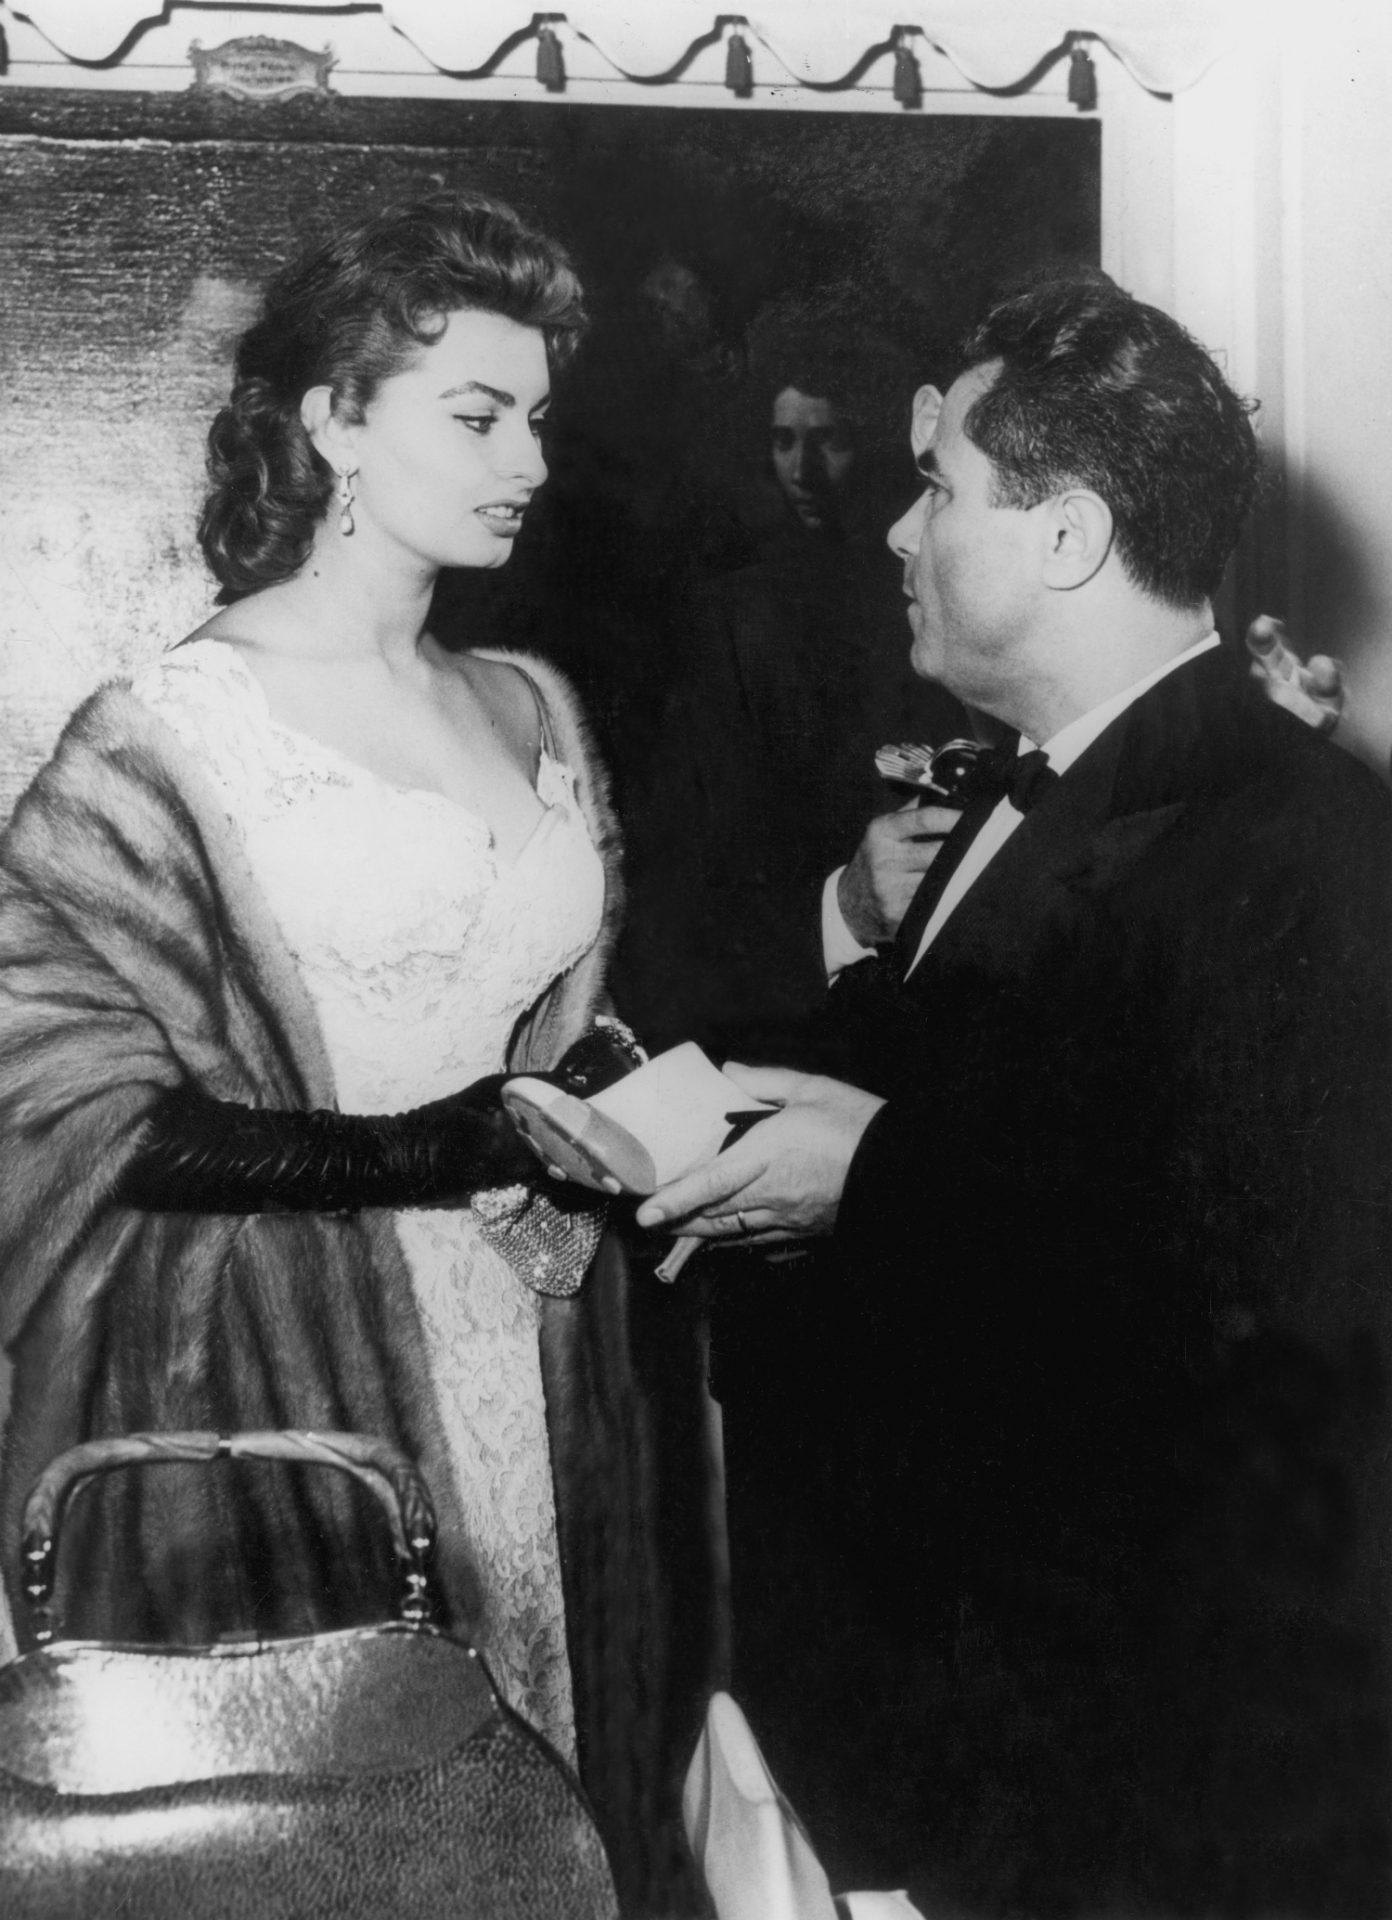 Salvatore Ferragamo With Sophie Loren. Copyright Attualita Fotografica Italiana Del Vecchio & Scala